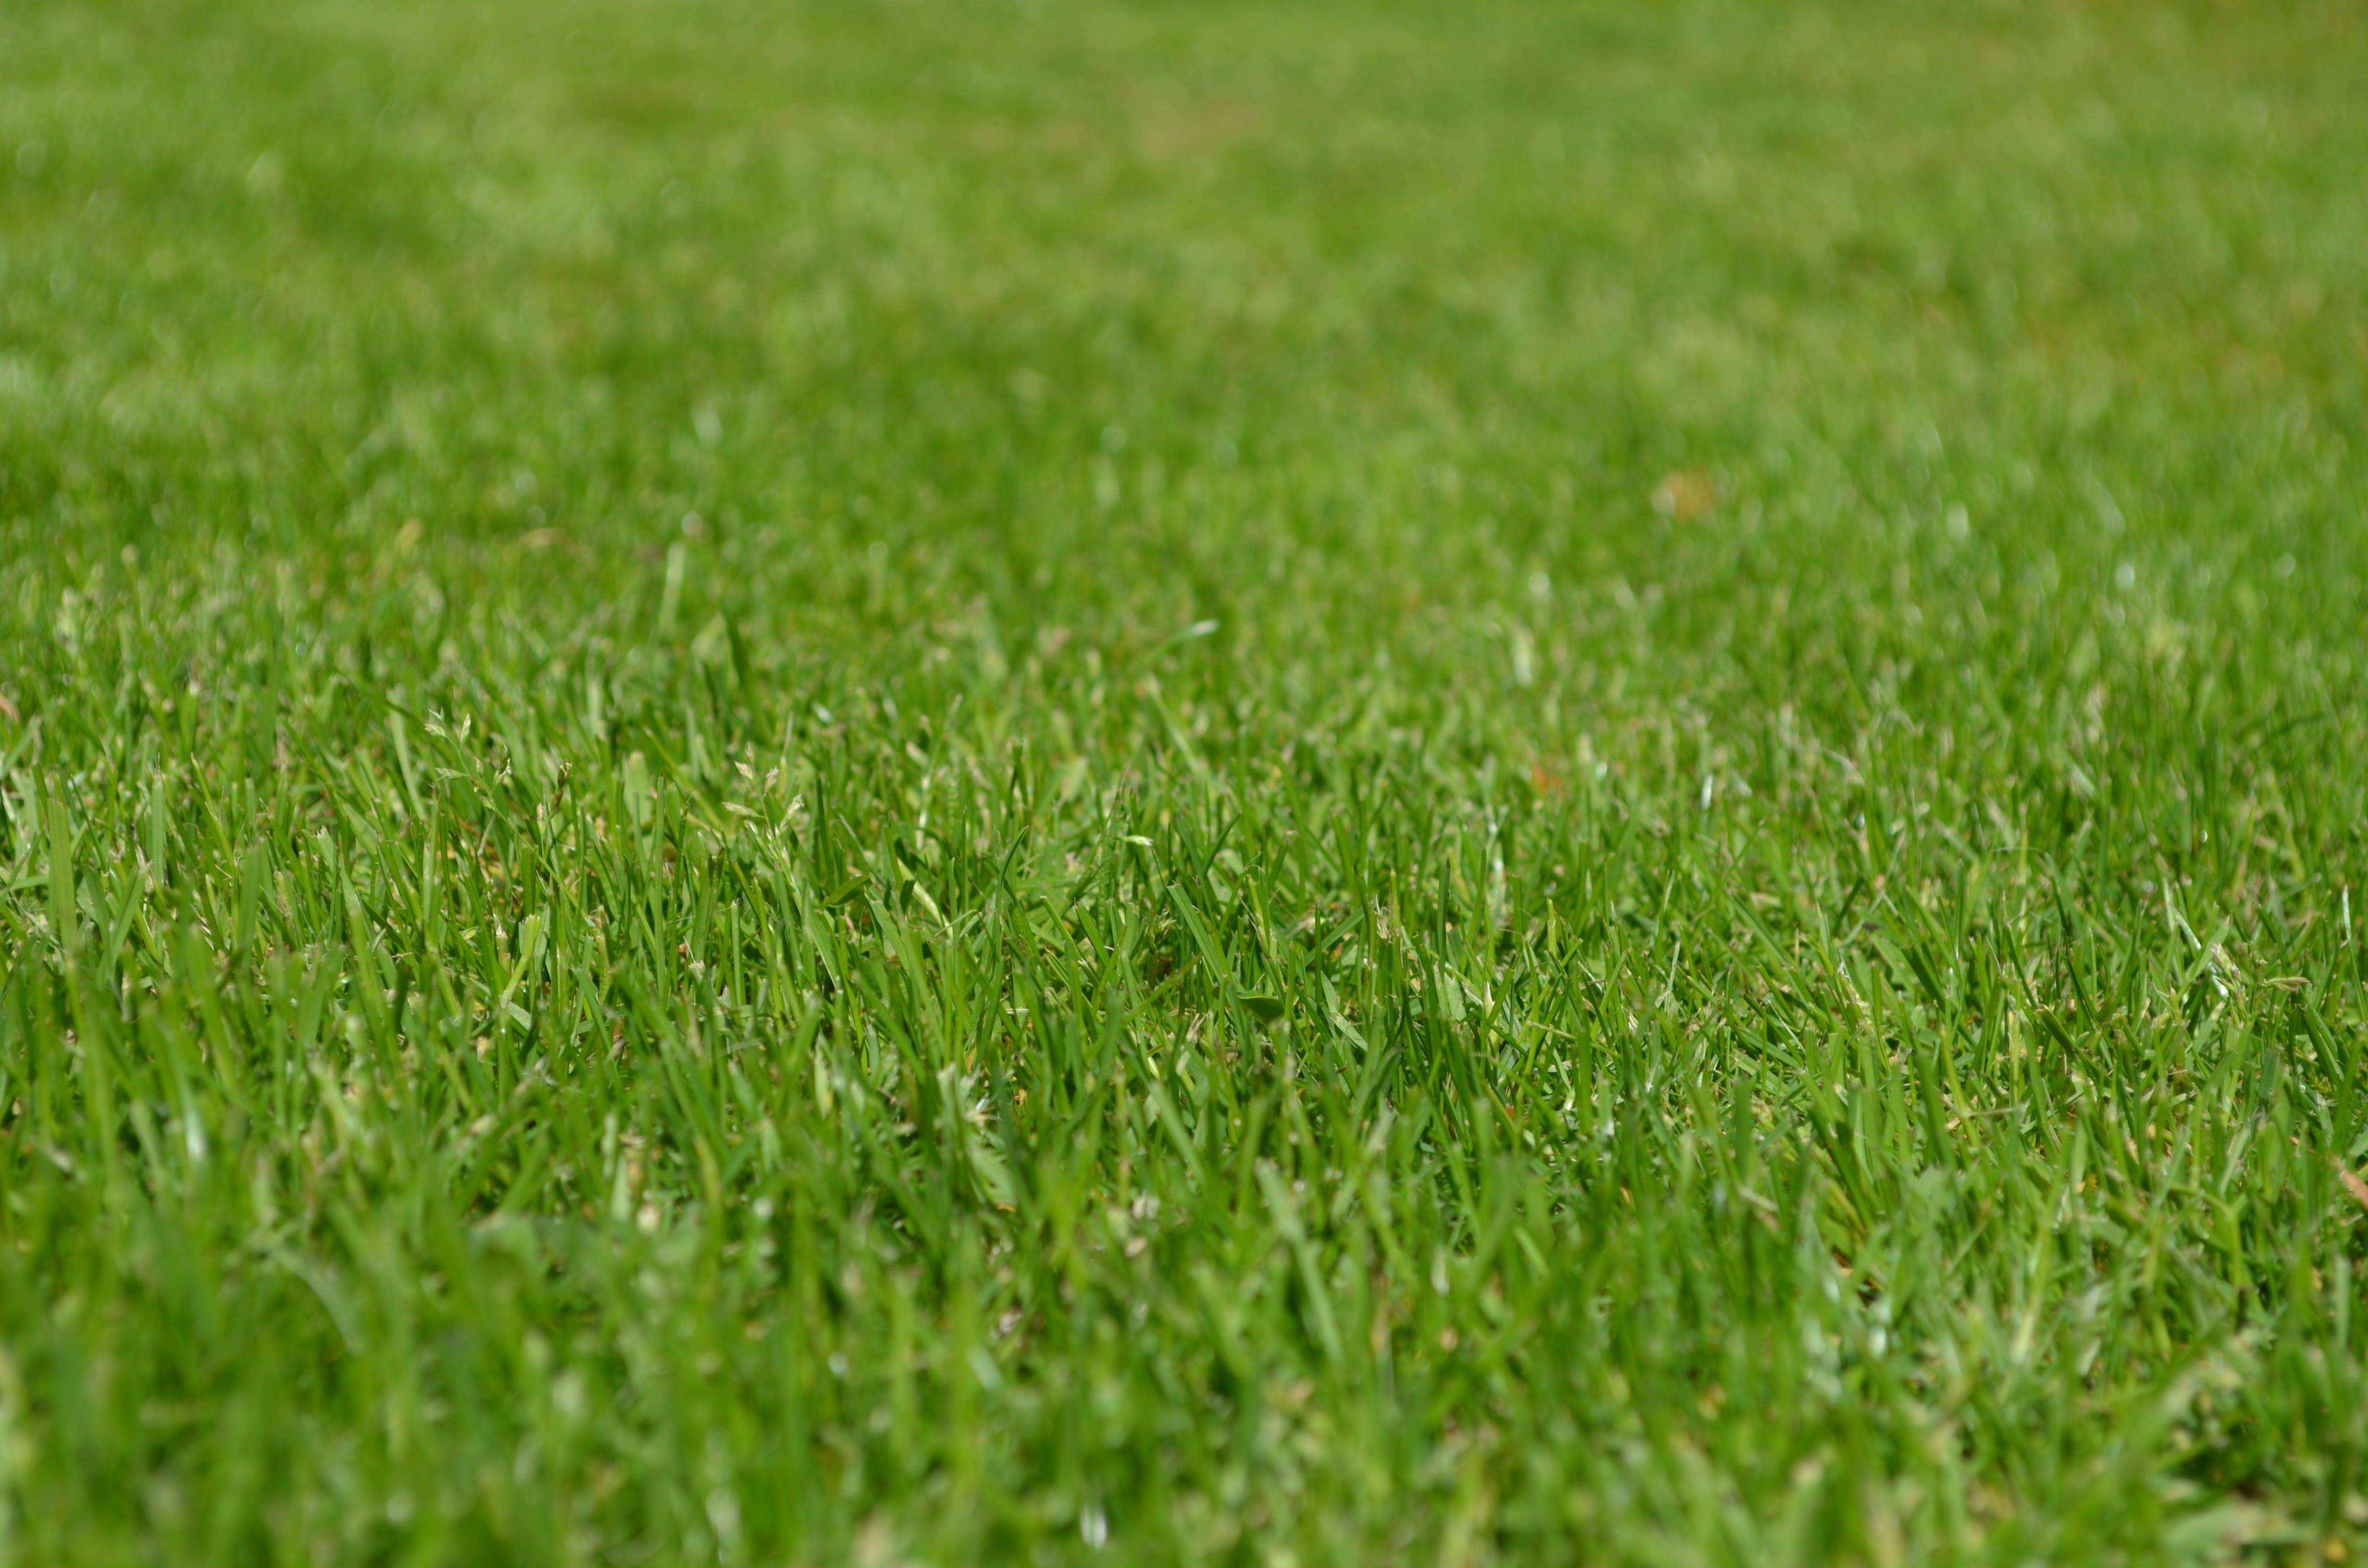 Gratis lagerfoto af græs, græsplæne, grøn, plante